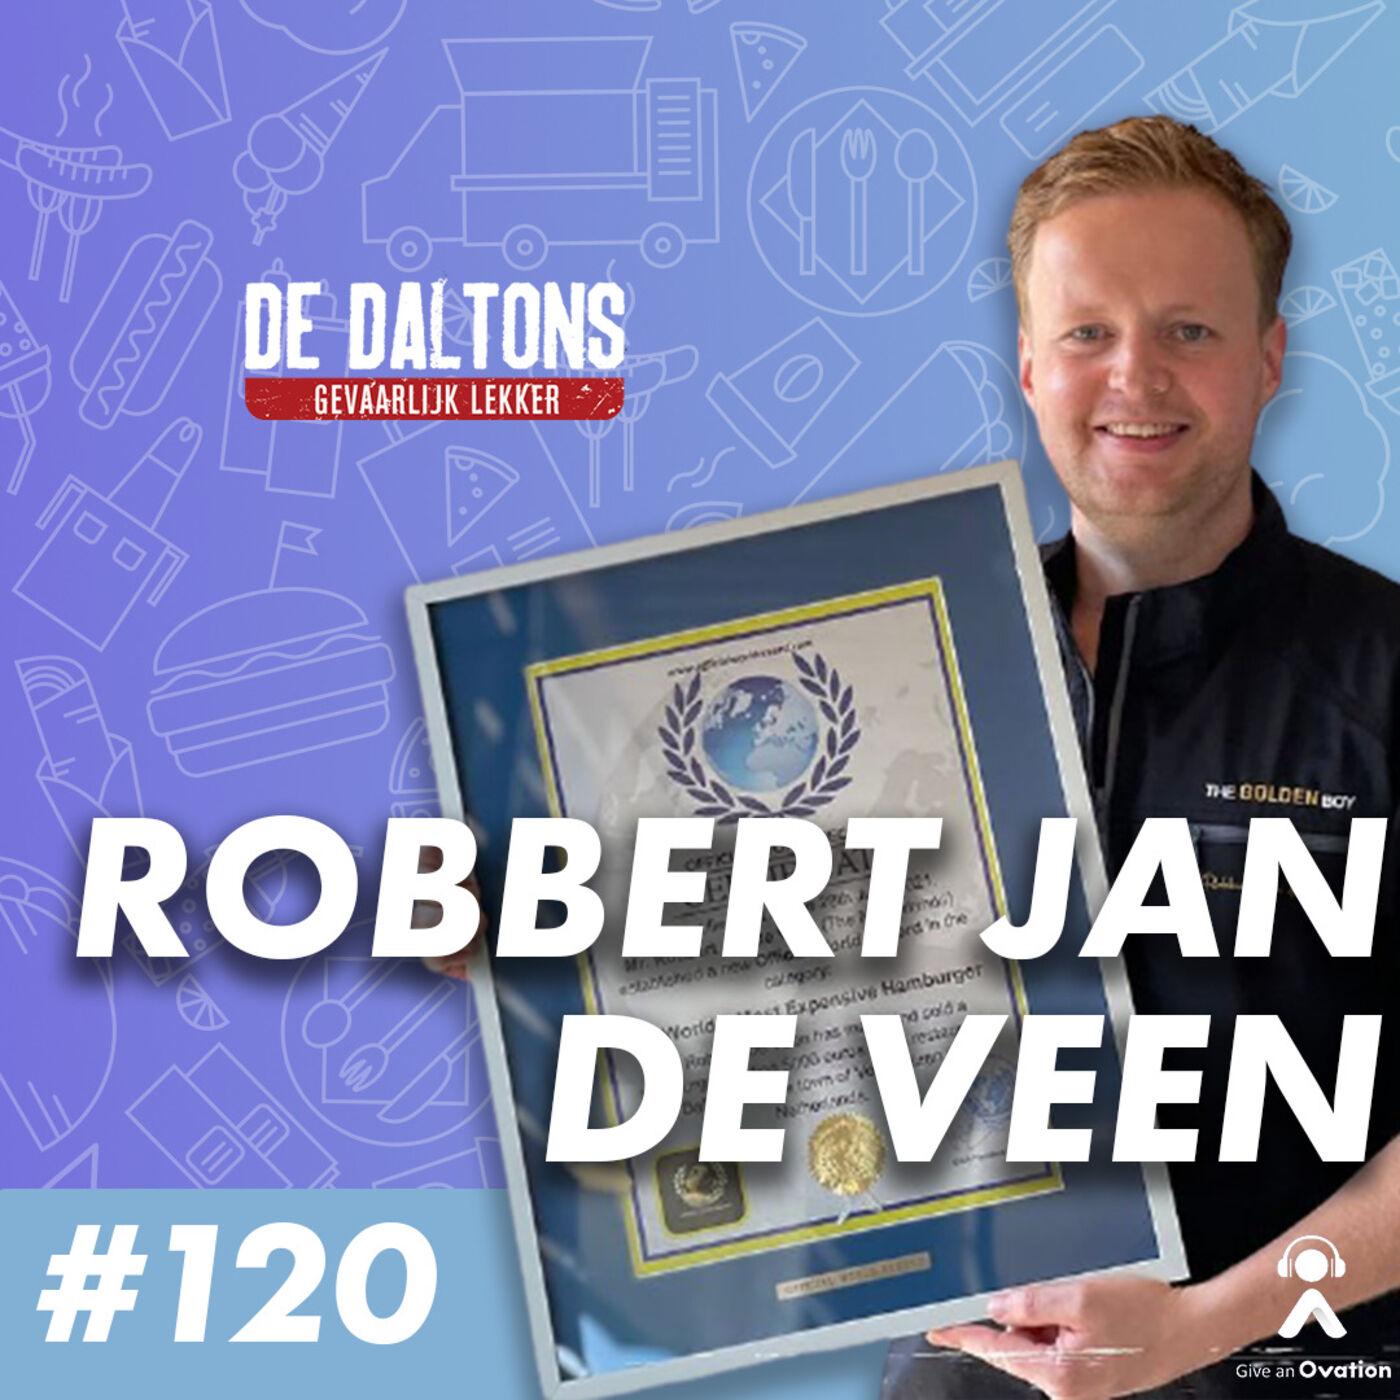 Creating The $6,000 Burger with Robbert Jan de Veen